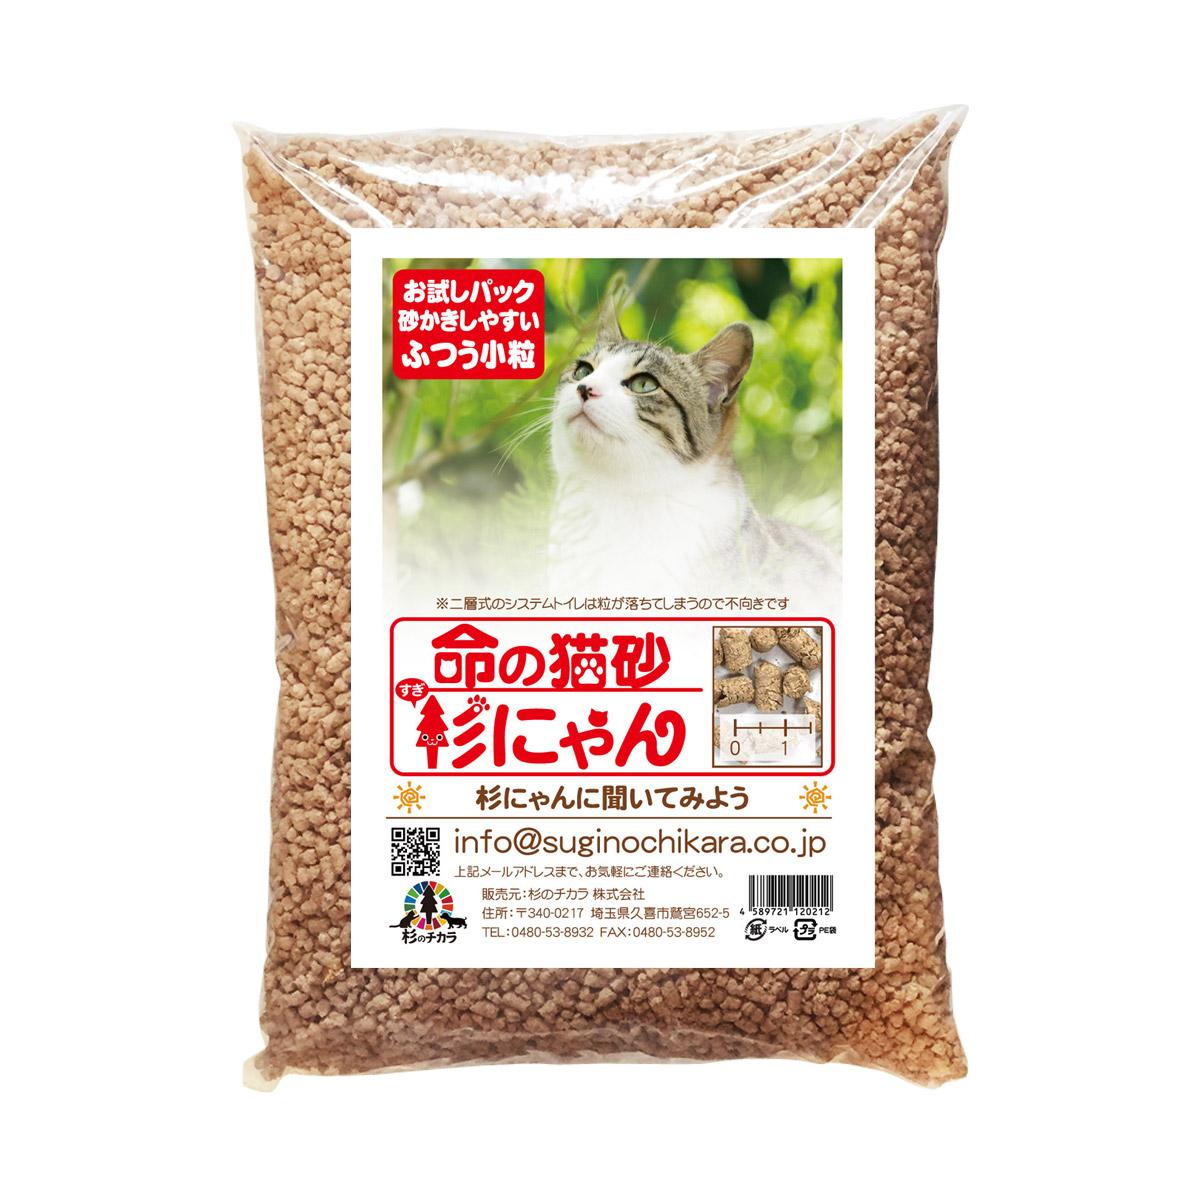 命の猫砂 杉にゃん 小粒タイプ 1.5kg お試し用1回分